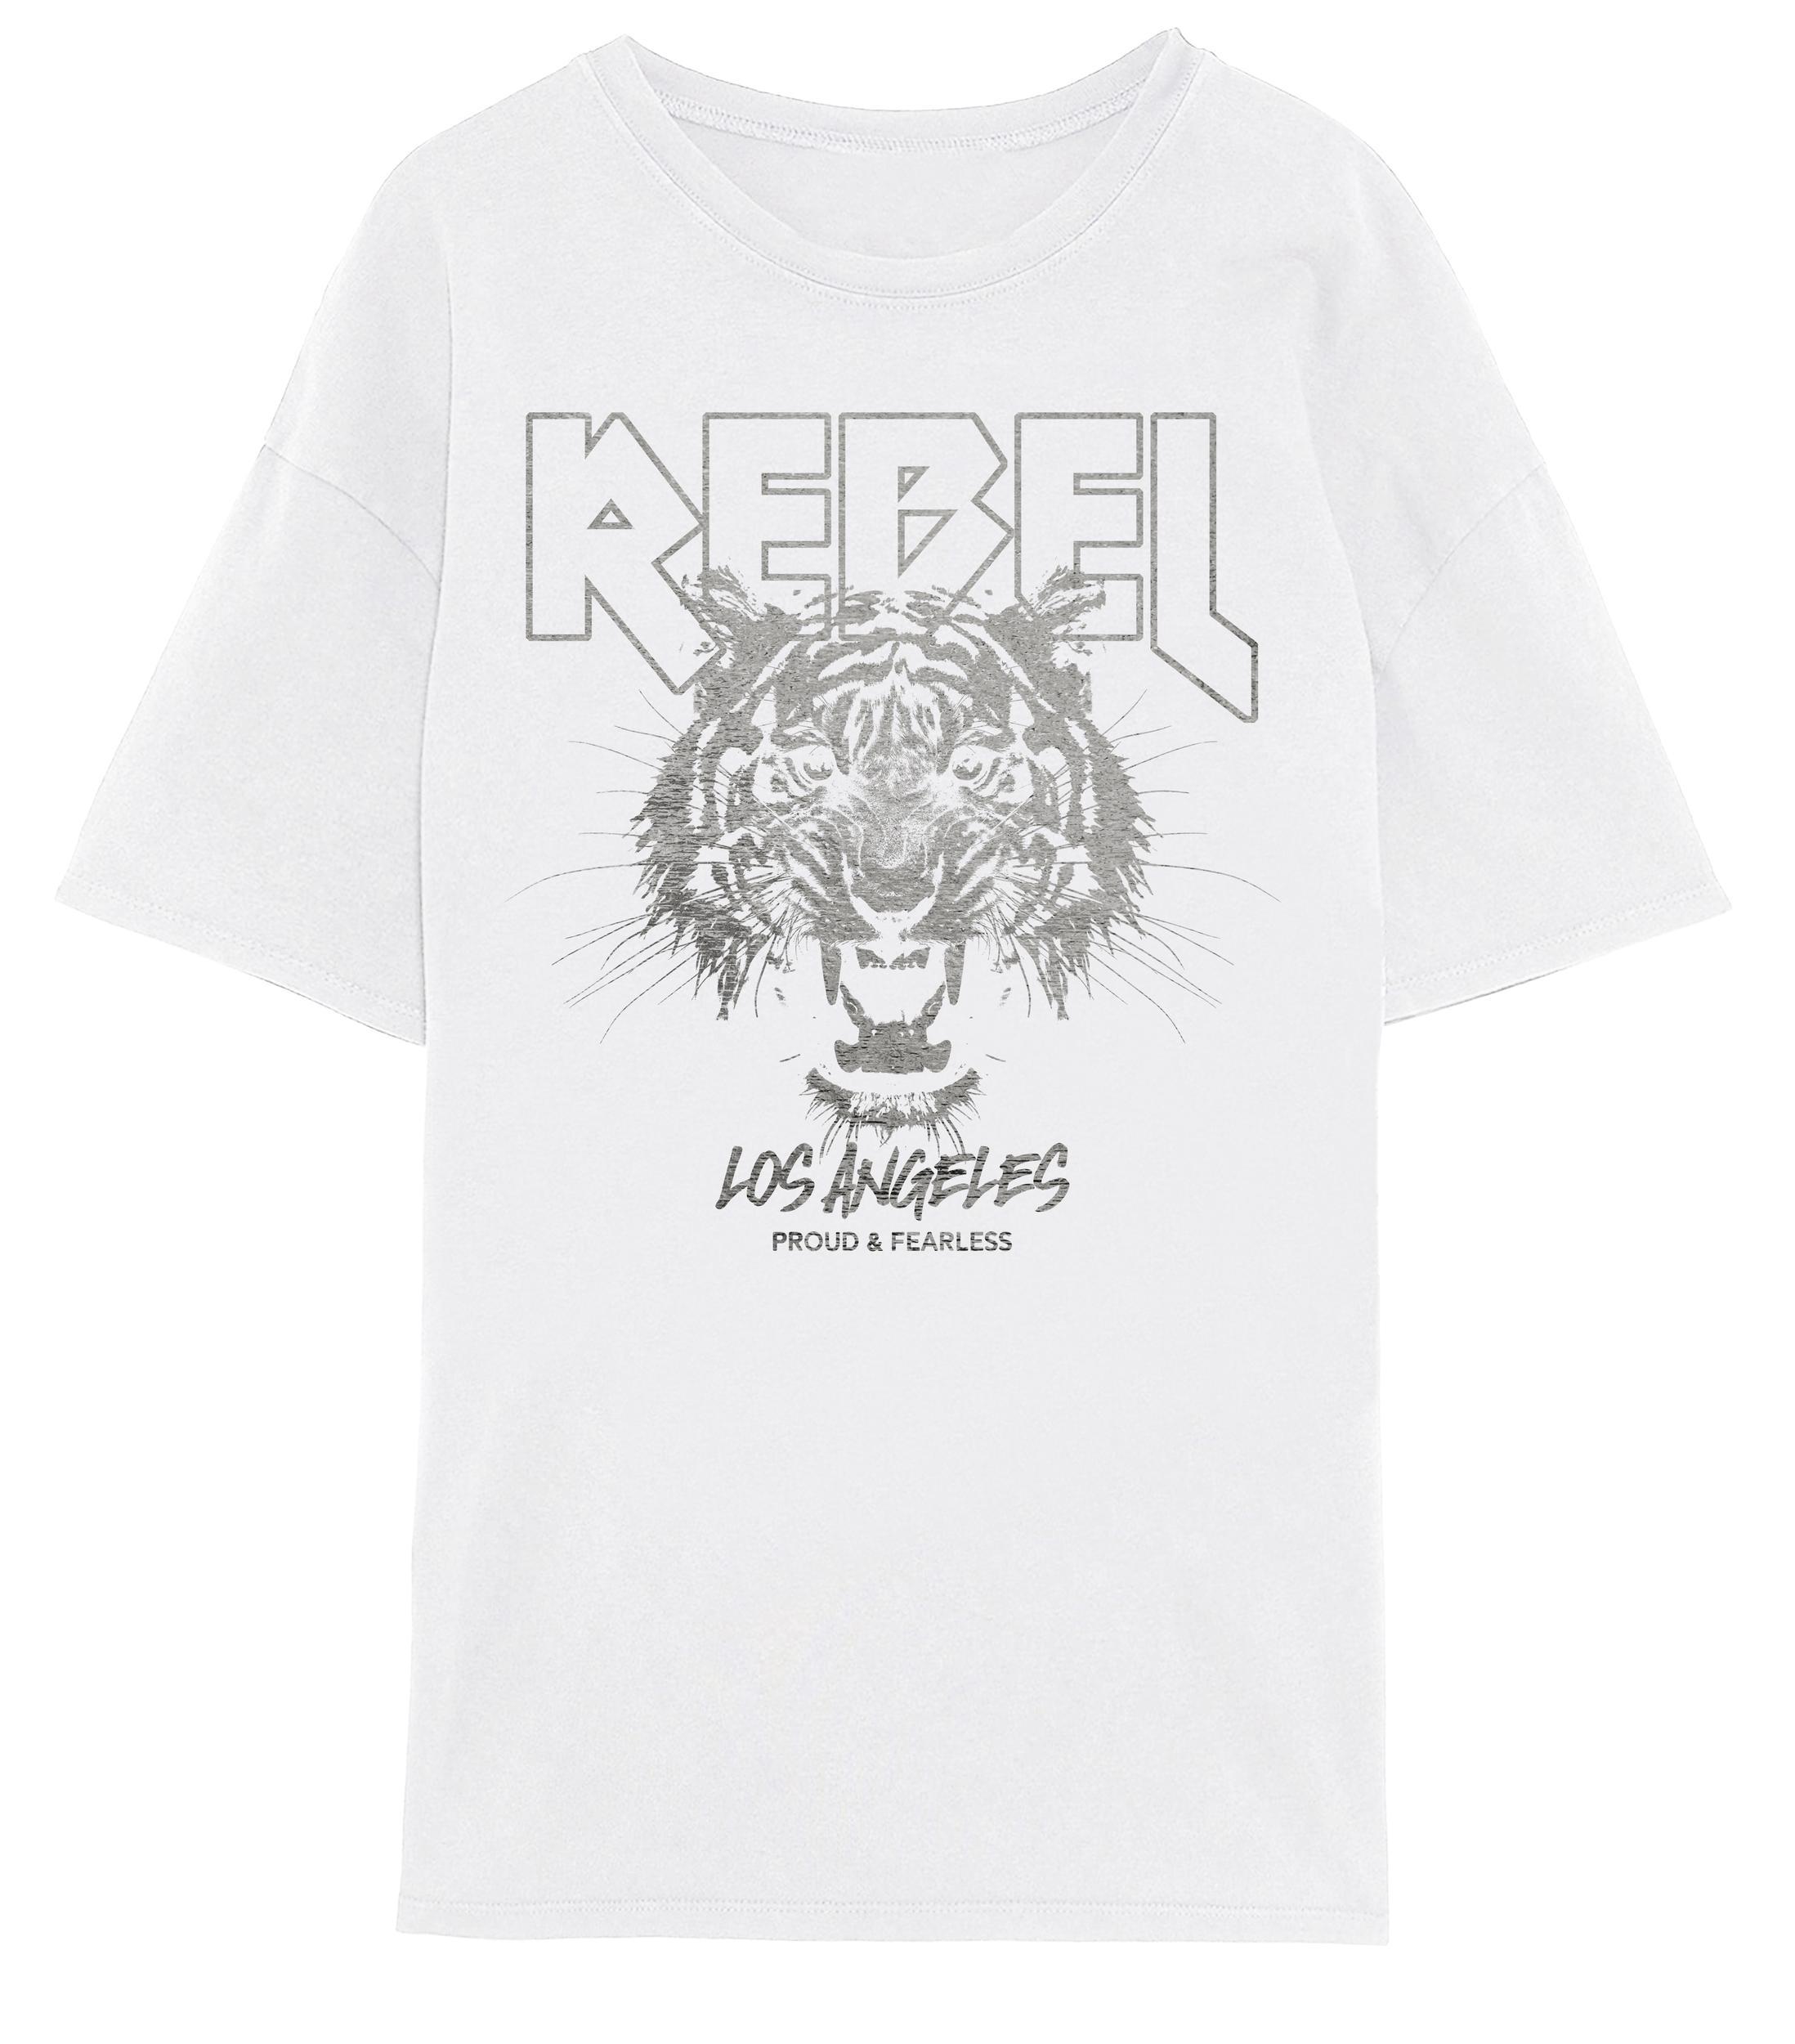 Vero Moda Forever oversized t-shirt, snow white, large